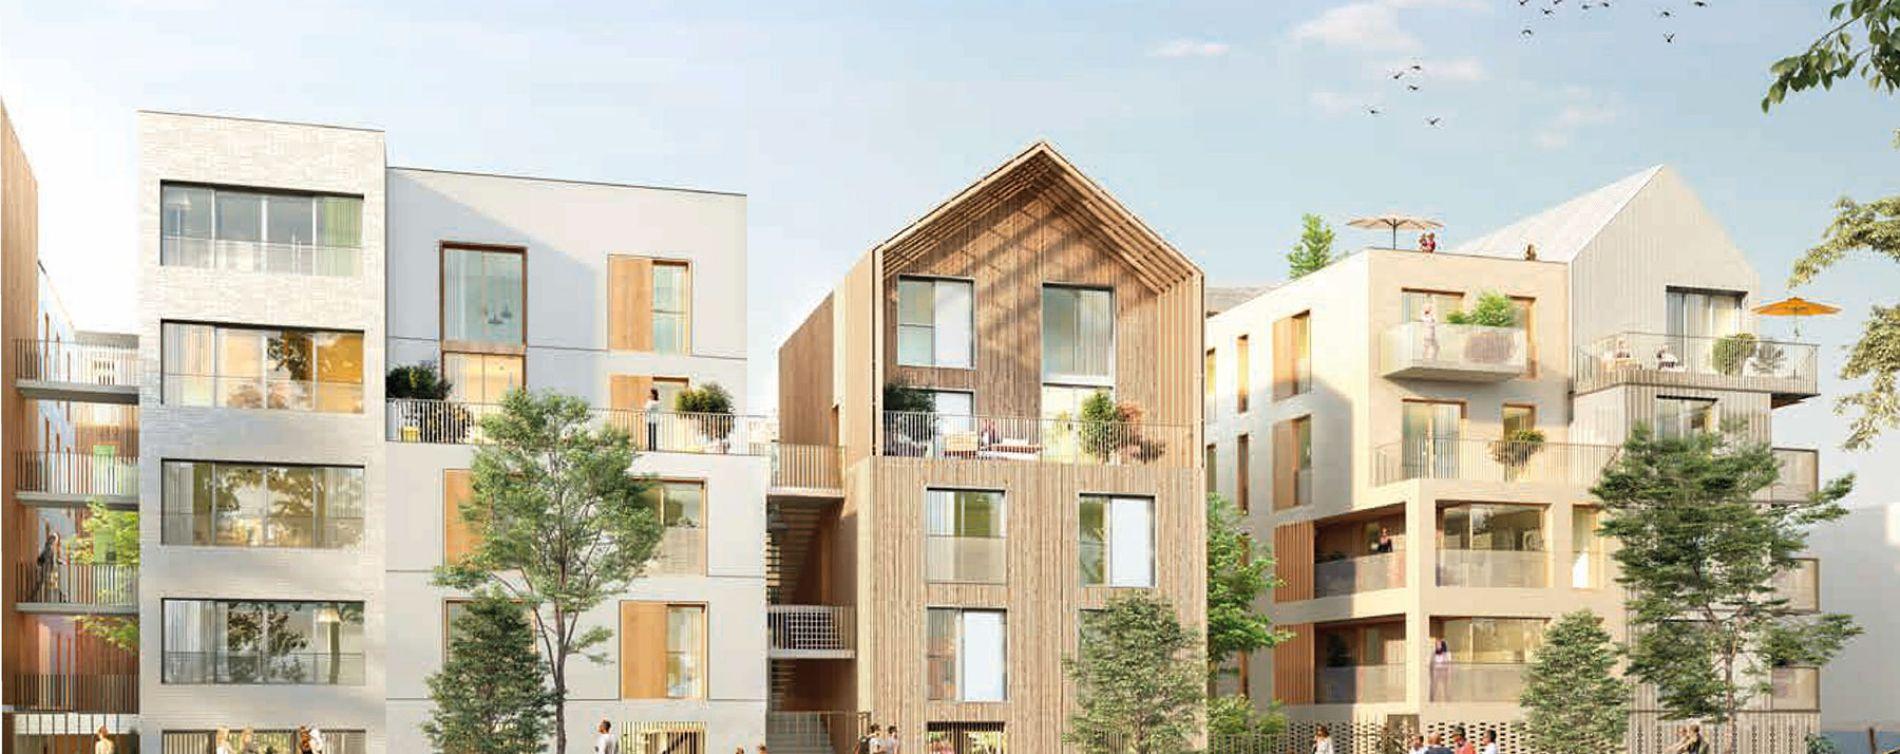 Résidence Arboresens à Noisy-le-Grand